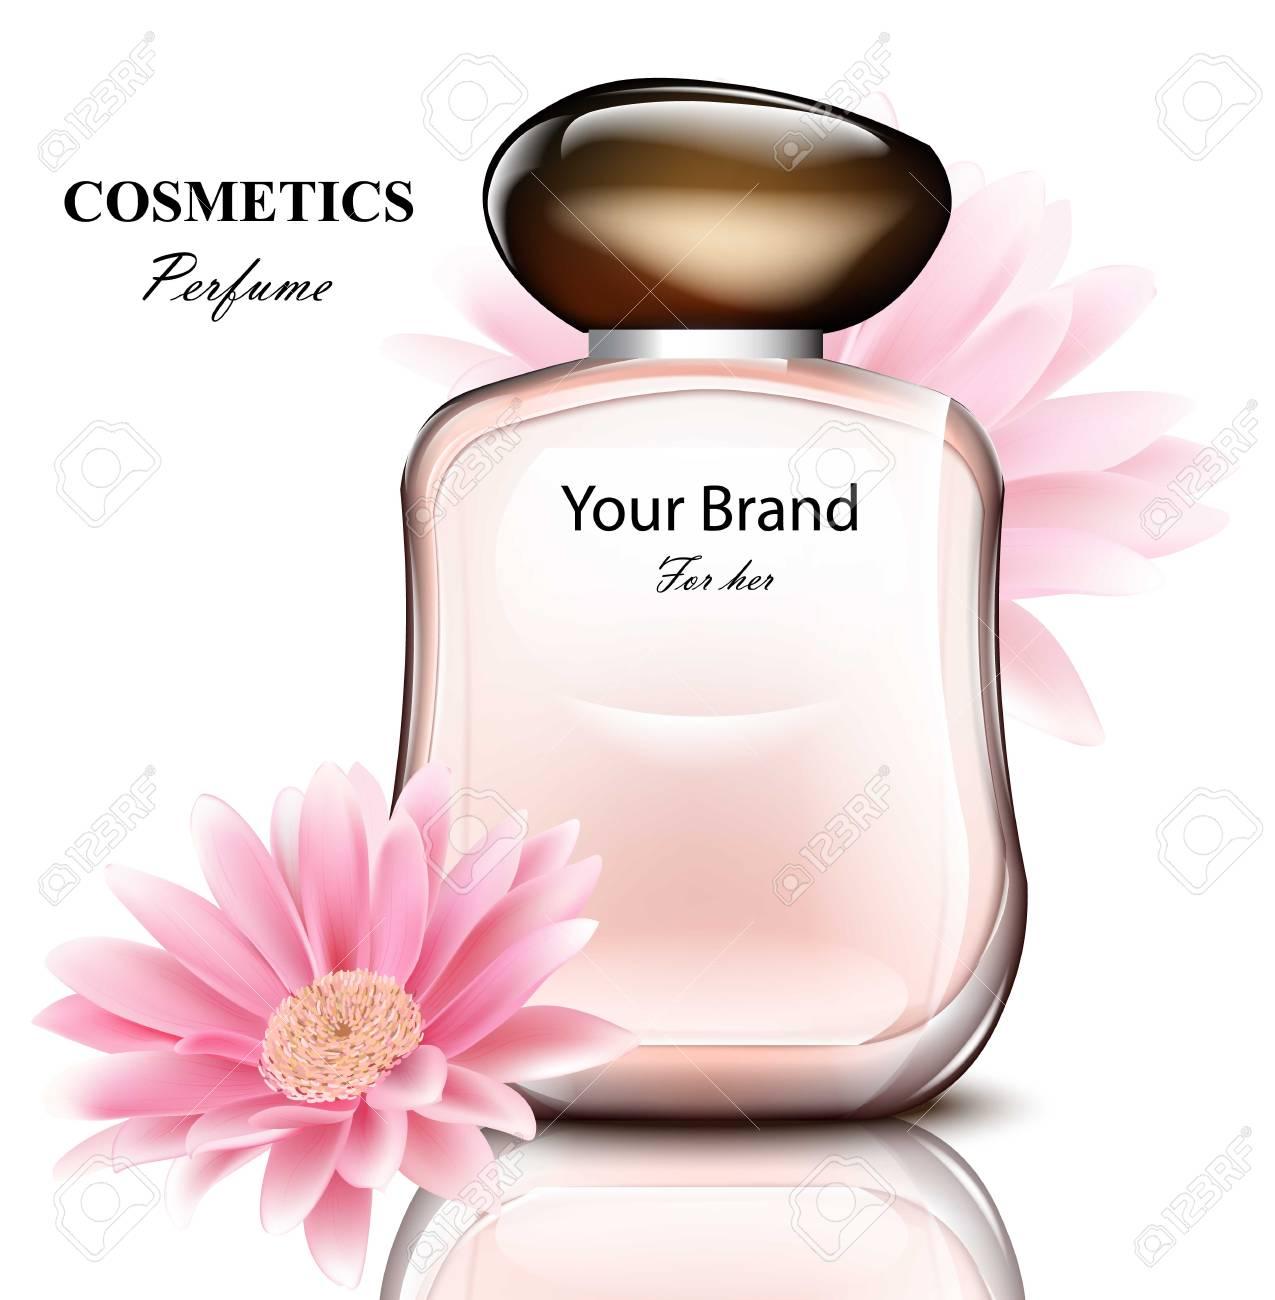 Pour Avec Un De Parfum Fleurs D'emballage Délicat MargueriteConception Bouteille Produit Femme Vectoriel Réaliste XZPiuk